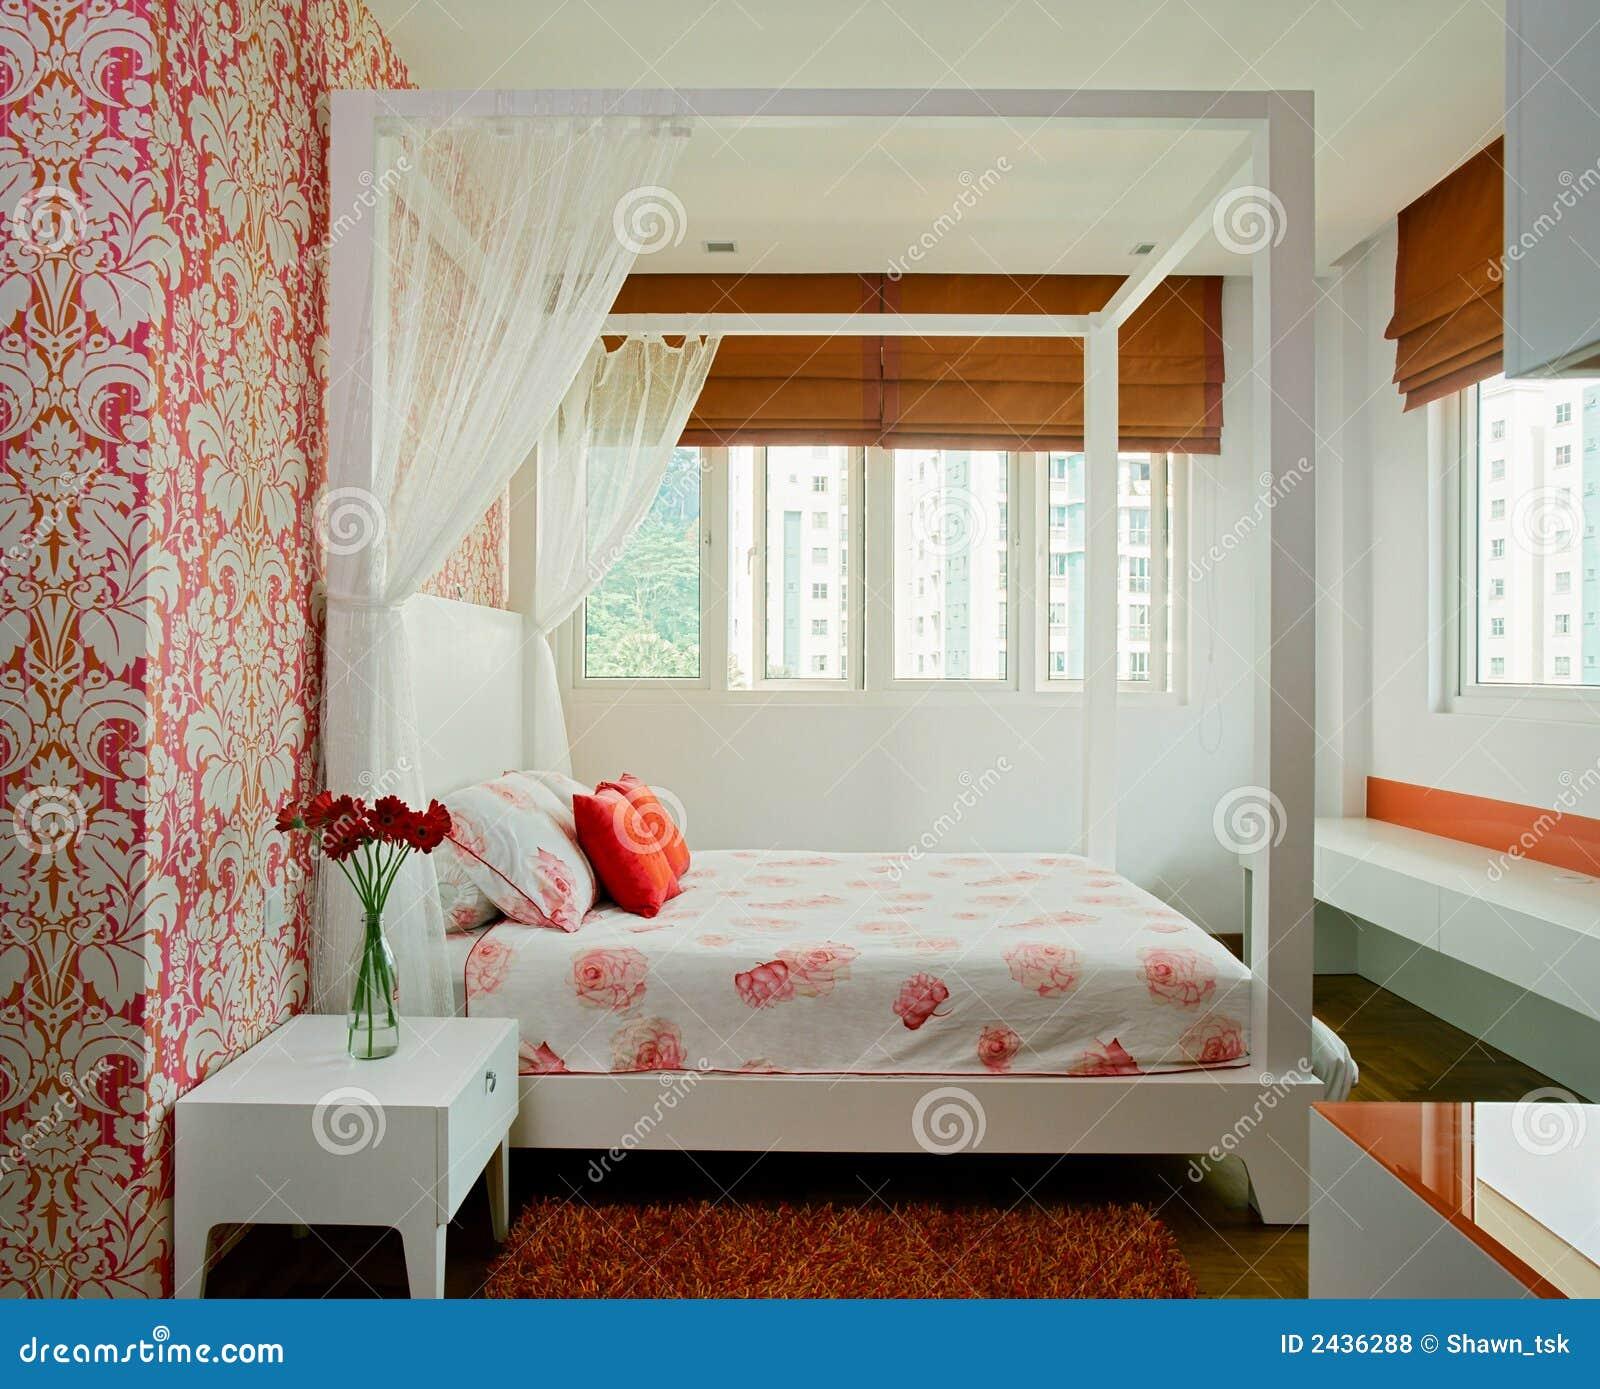 Design Camere Da Letto Ragazze : Disegno interno camera da letto fotografie stock libere